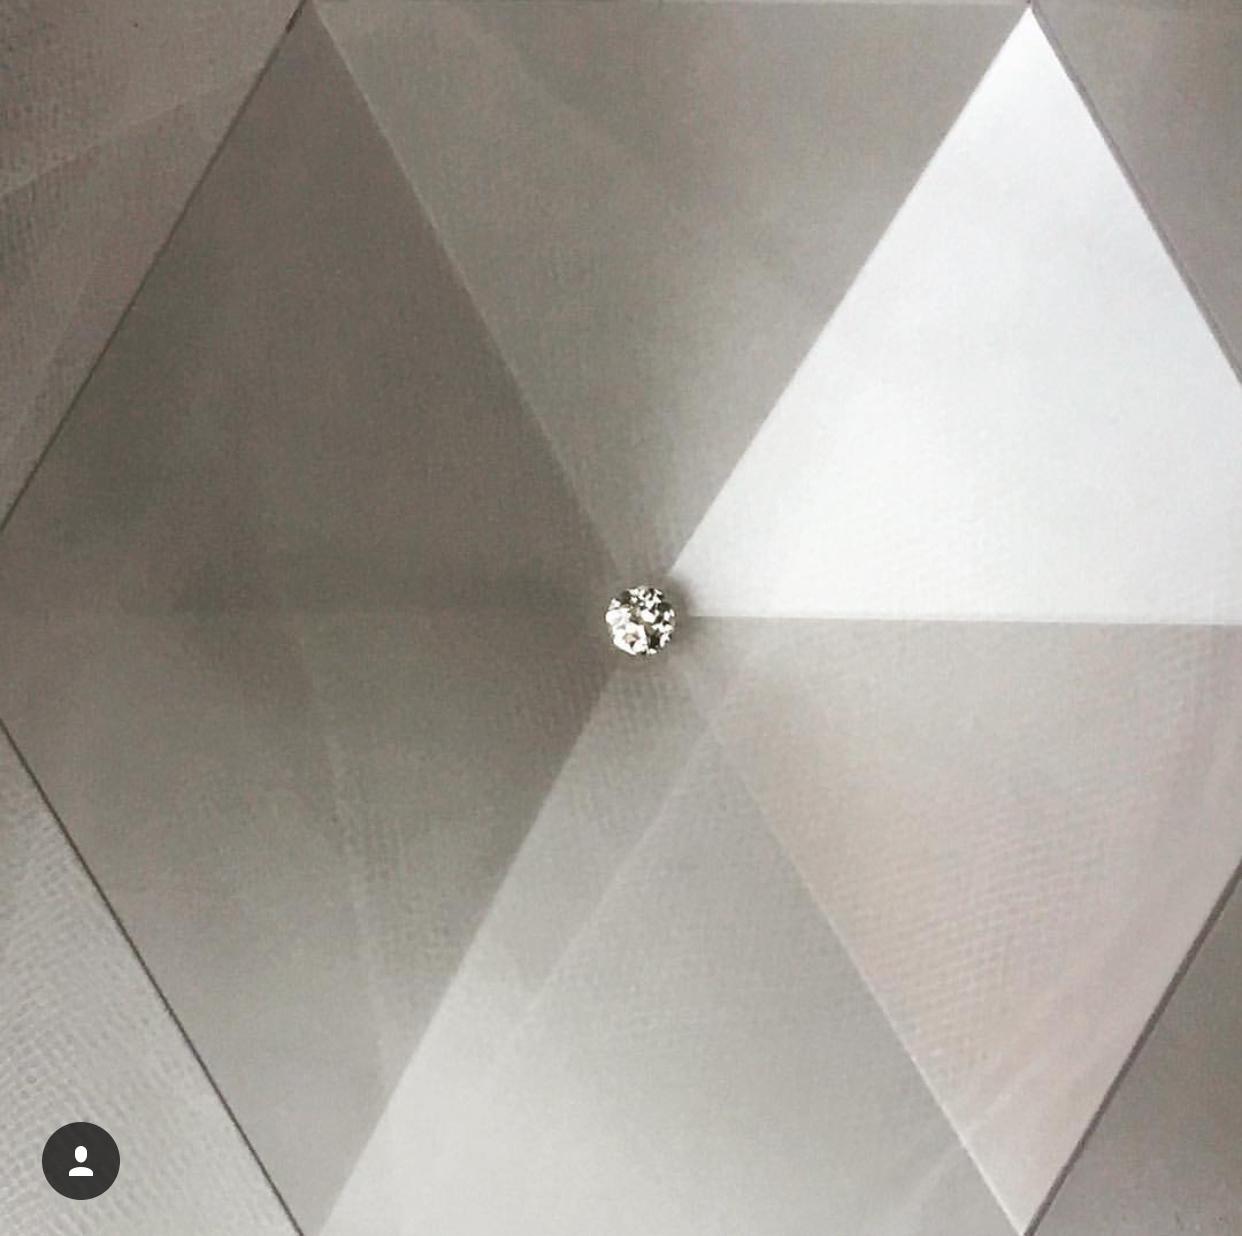 re-cut diamond.jpg